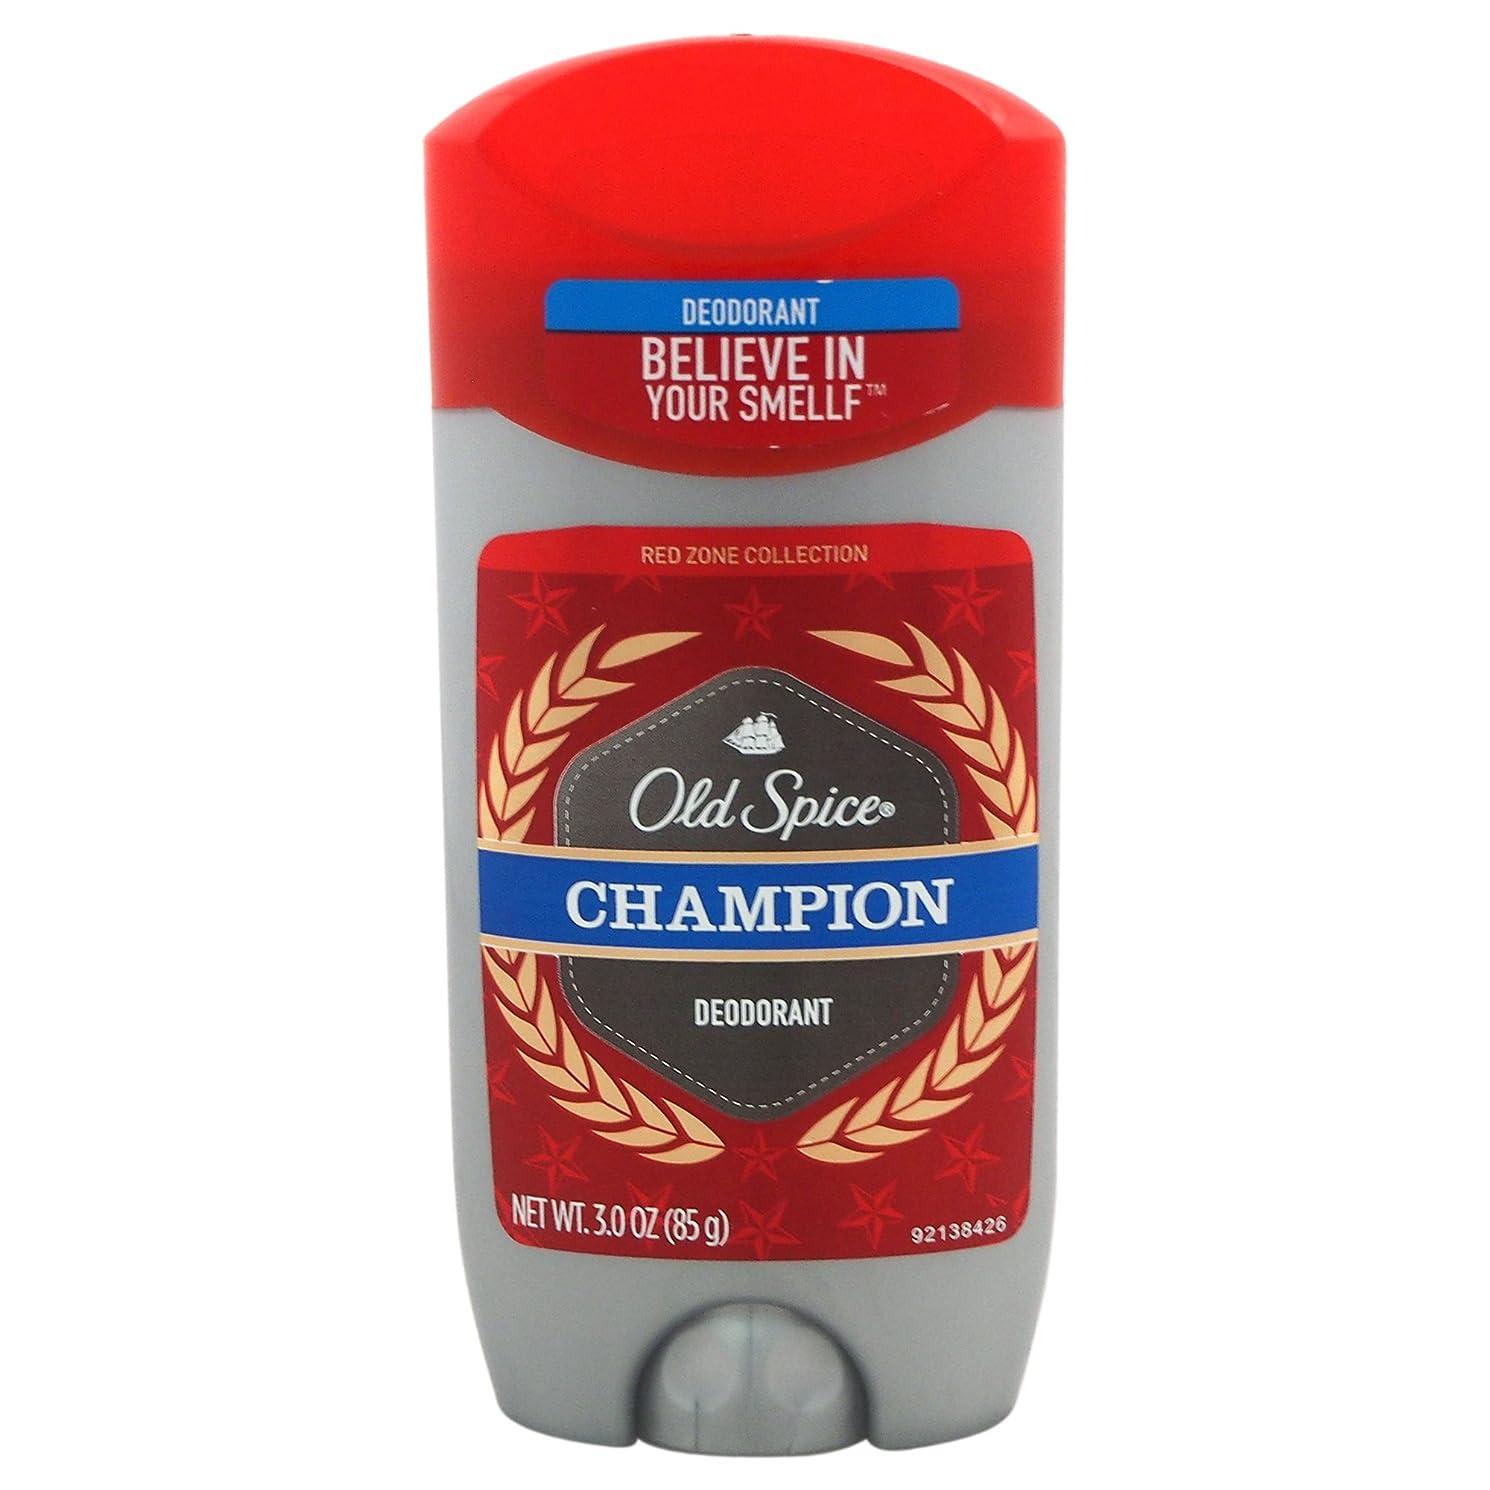 貫通表面崇拝しますオールドスパイス(Old Spice) Deodorant デオドラント Red zone CHAMPION/チャンピョン 85g[並行輸入品]